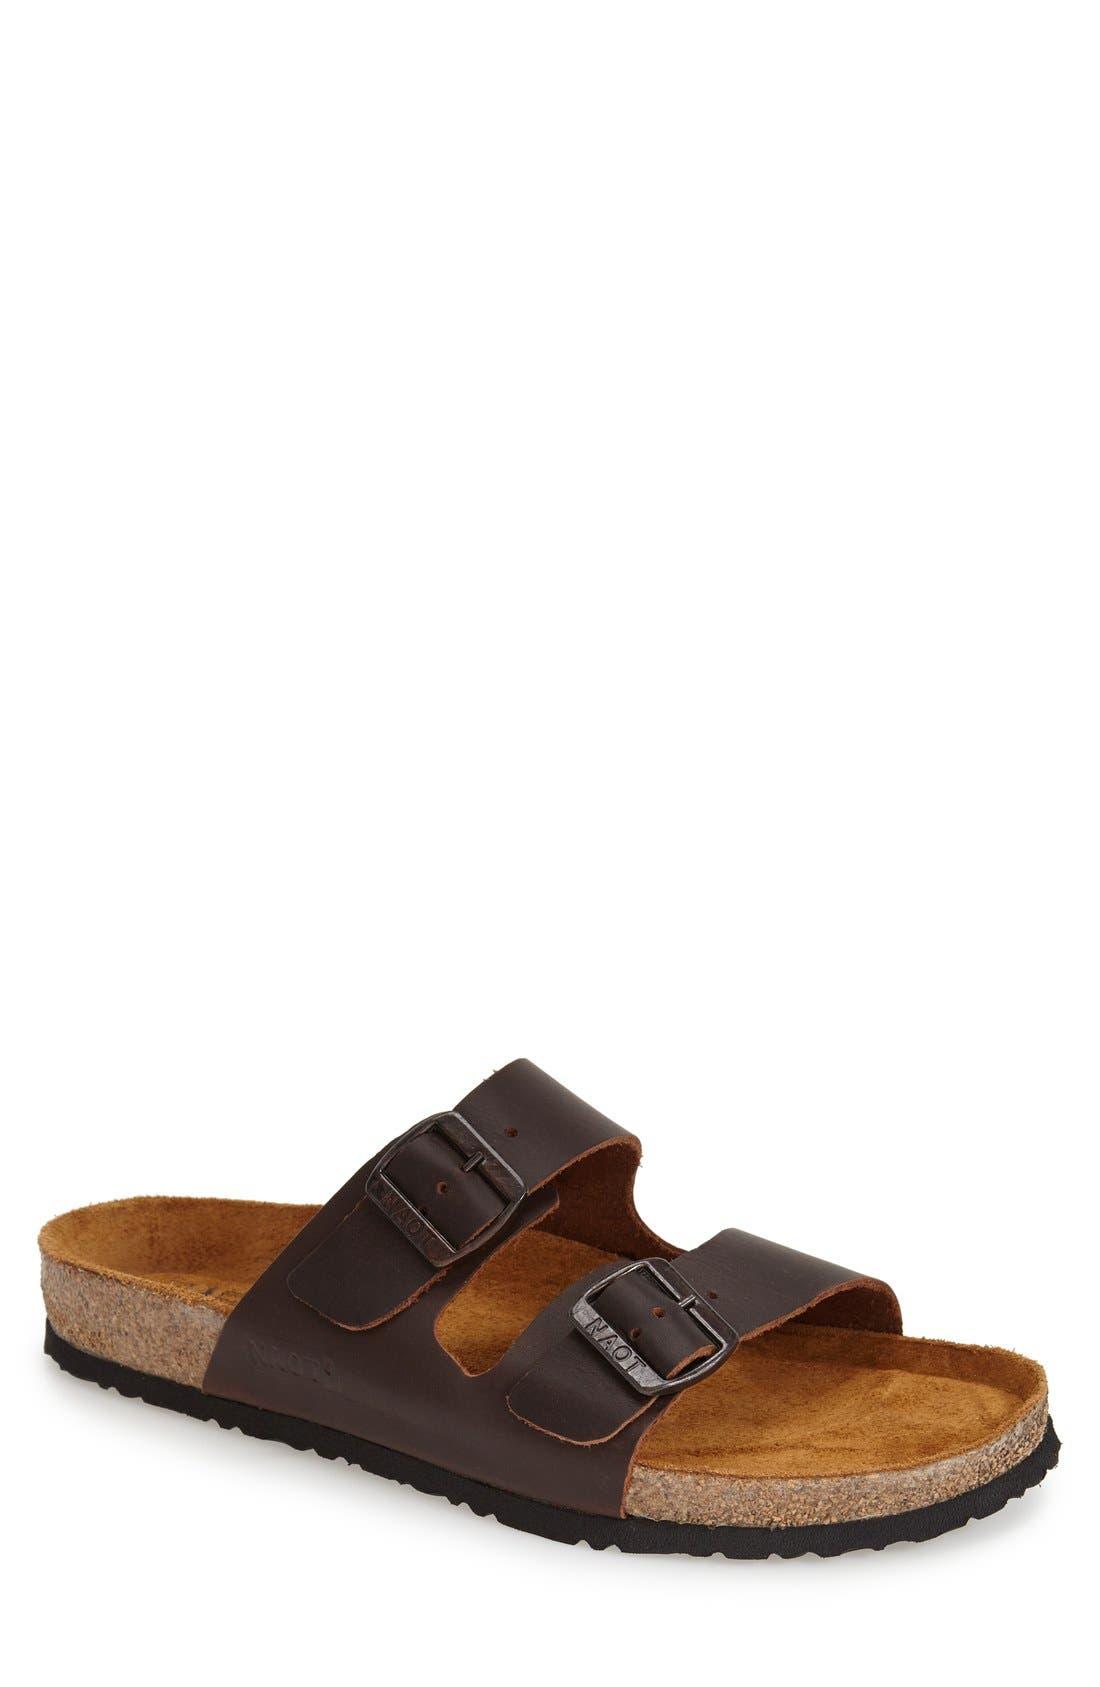 Alternate Image 1 Selected - Naot Santa Barbara Slide Sandal (Men)